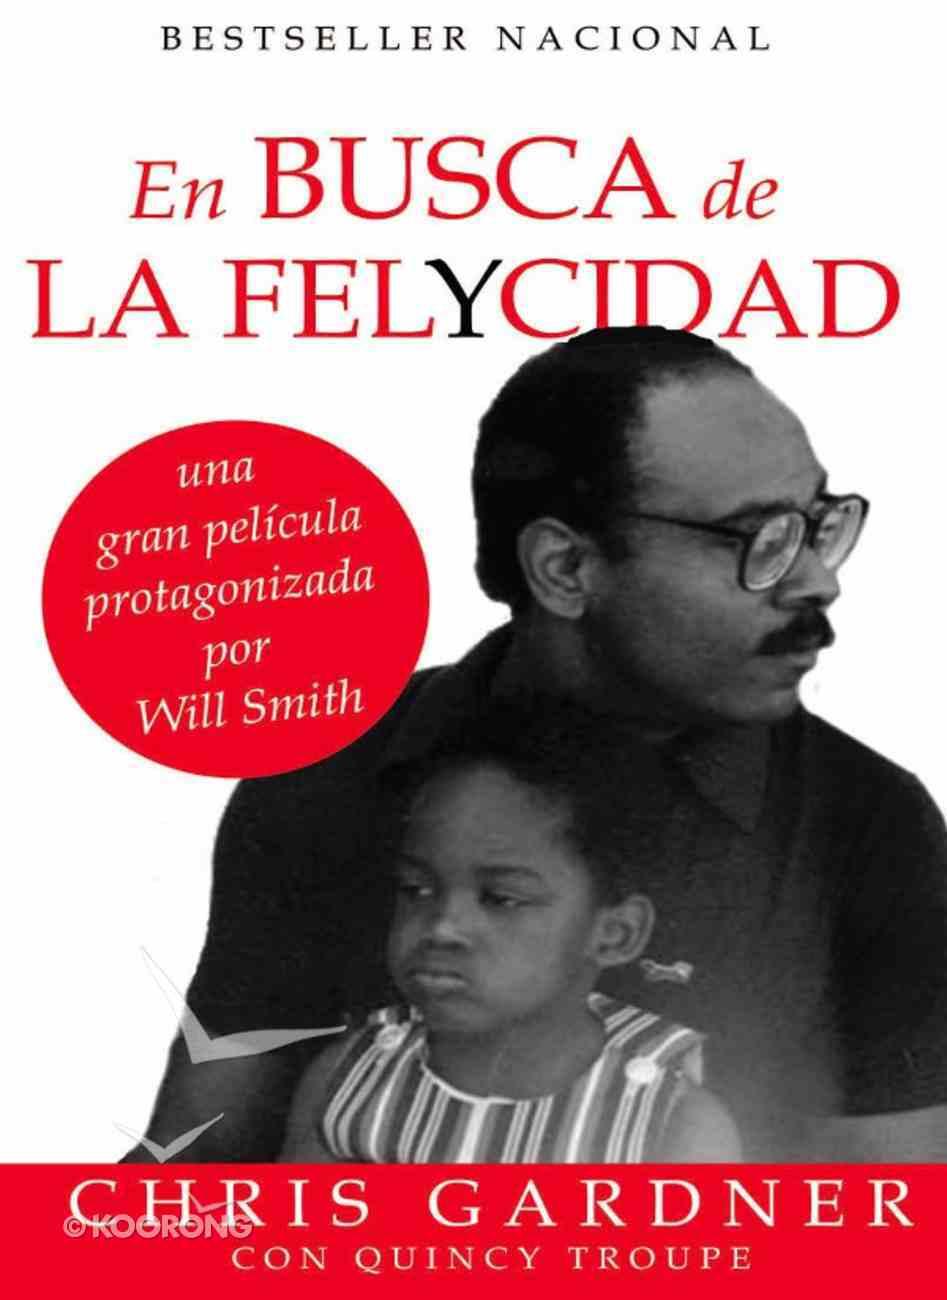 En Busca De La Felycidad (Pursuit Of Happyness - Spanish Edition) eBook